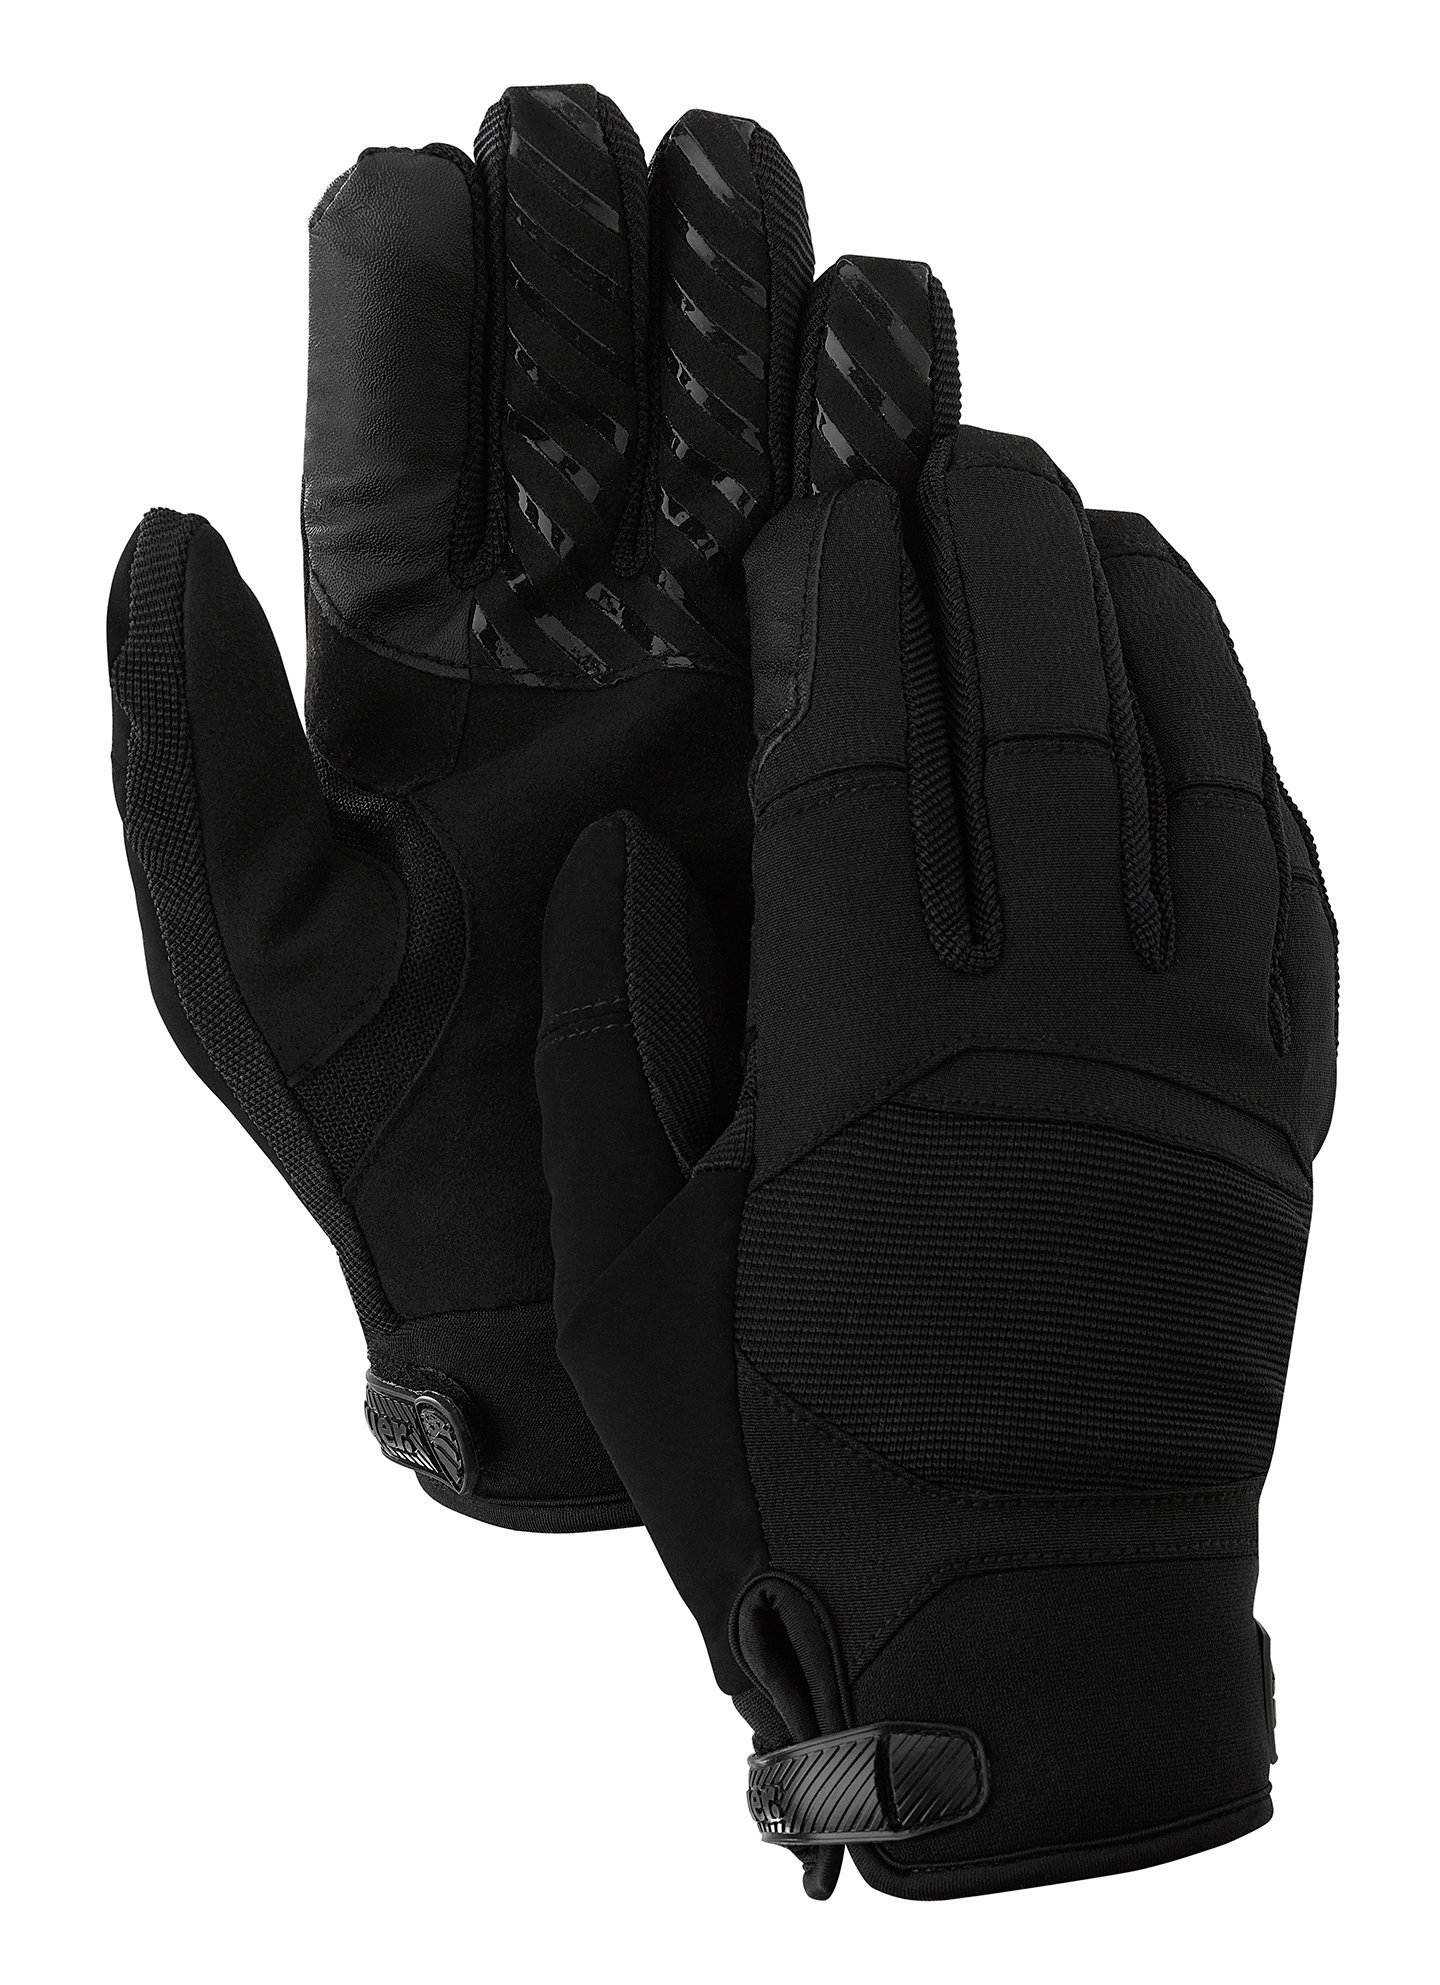 Blauer_Squall_Glove.jpg